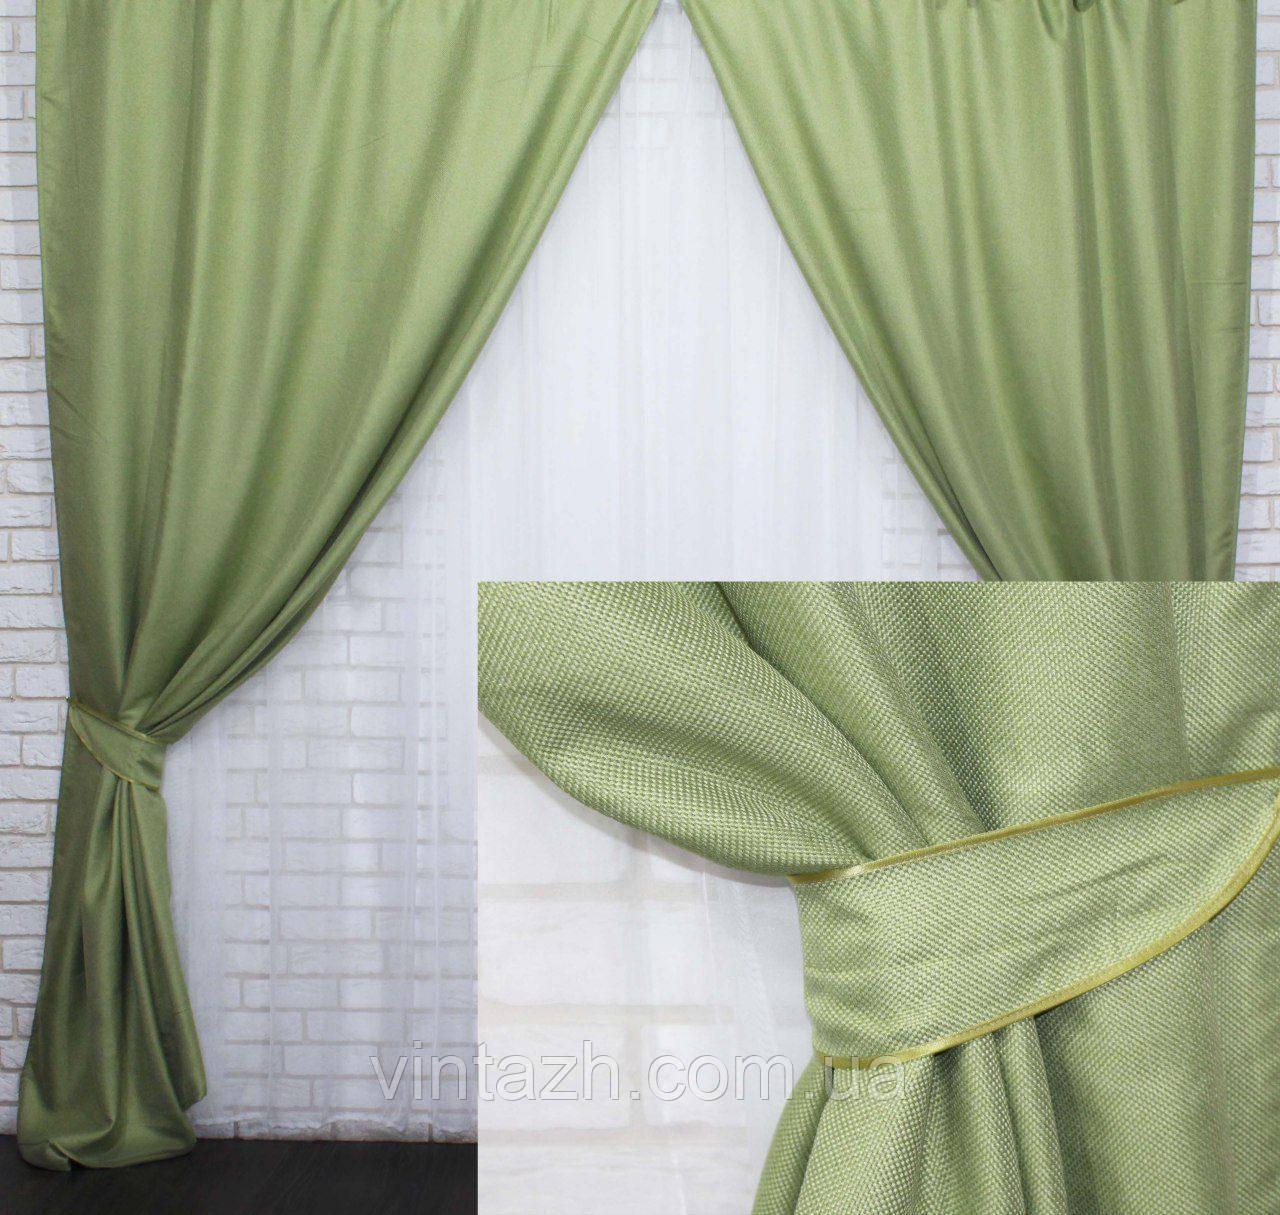 Готовые  шторы  из натурального льна  в оливковых тонах